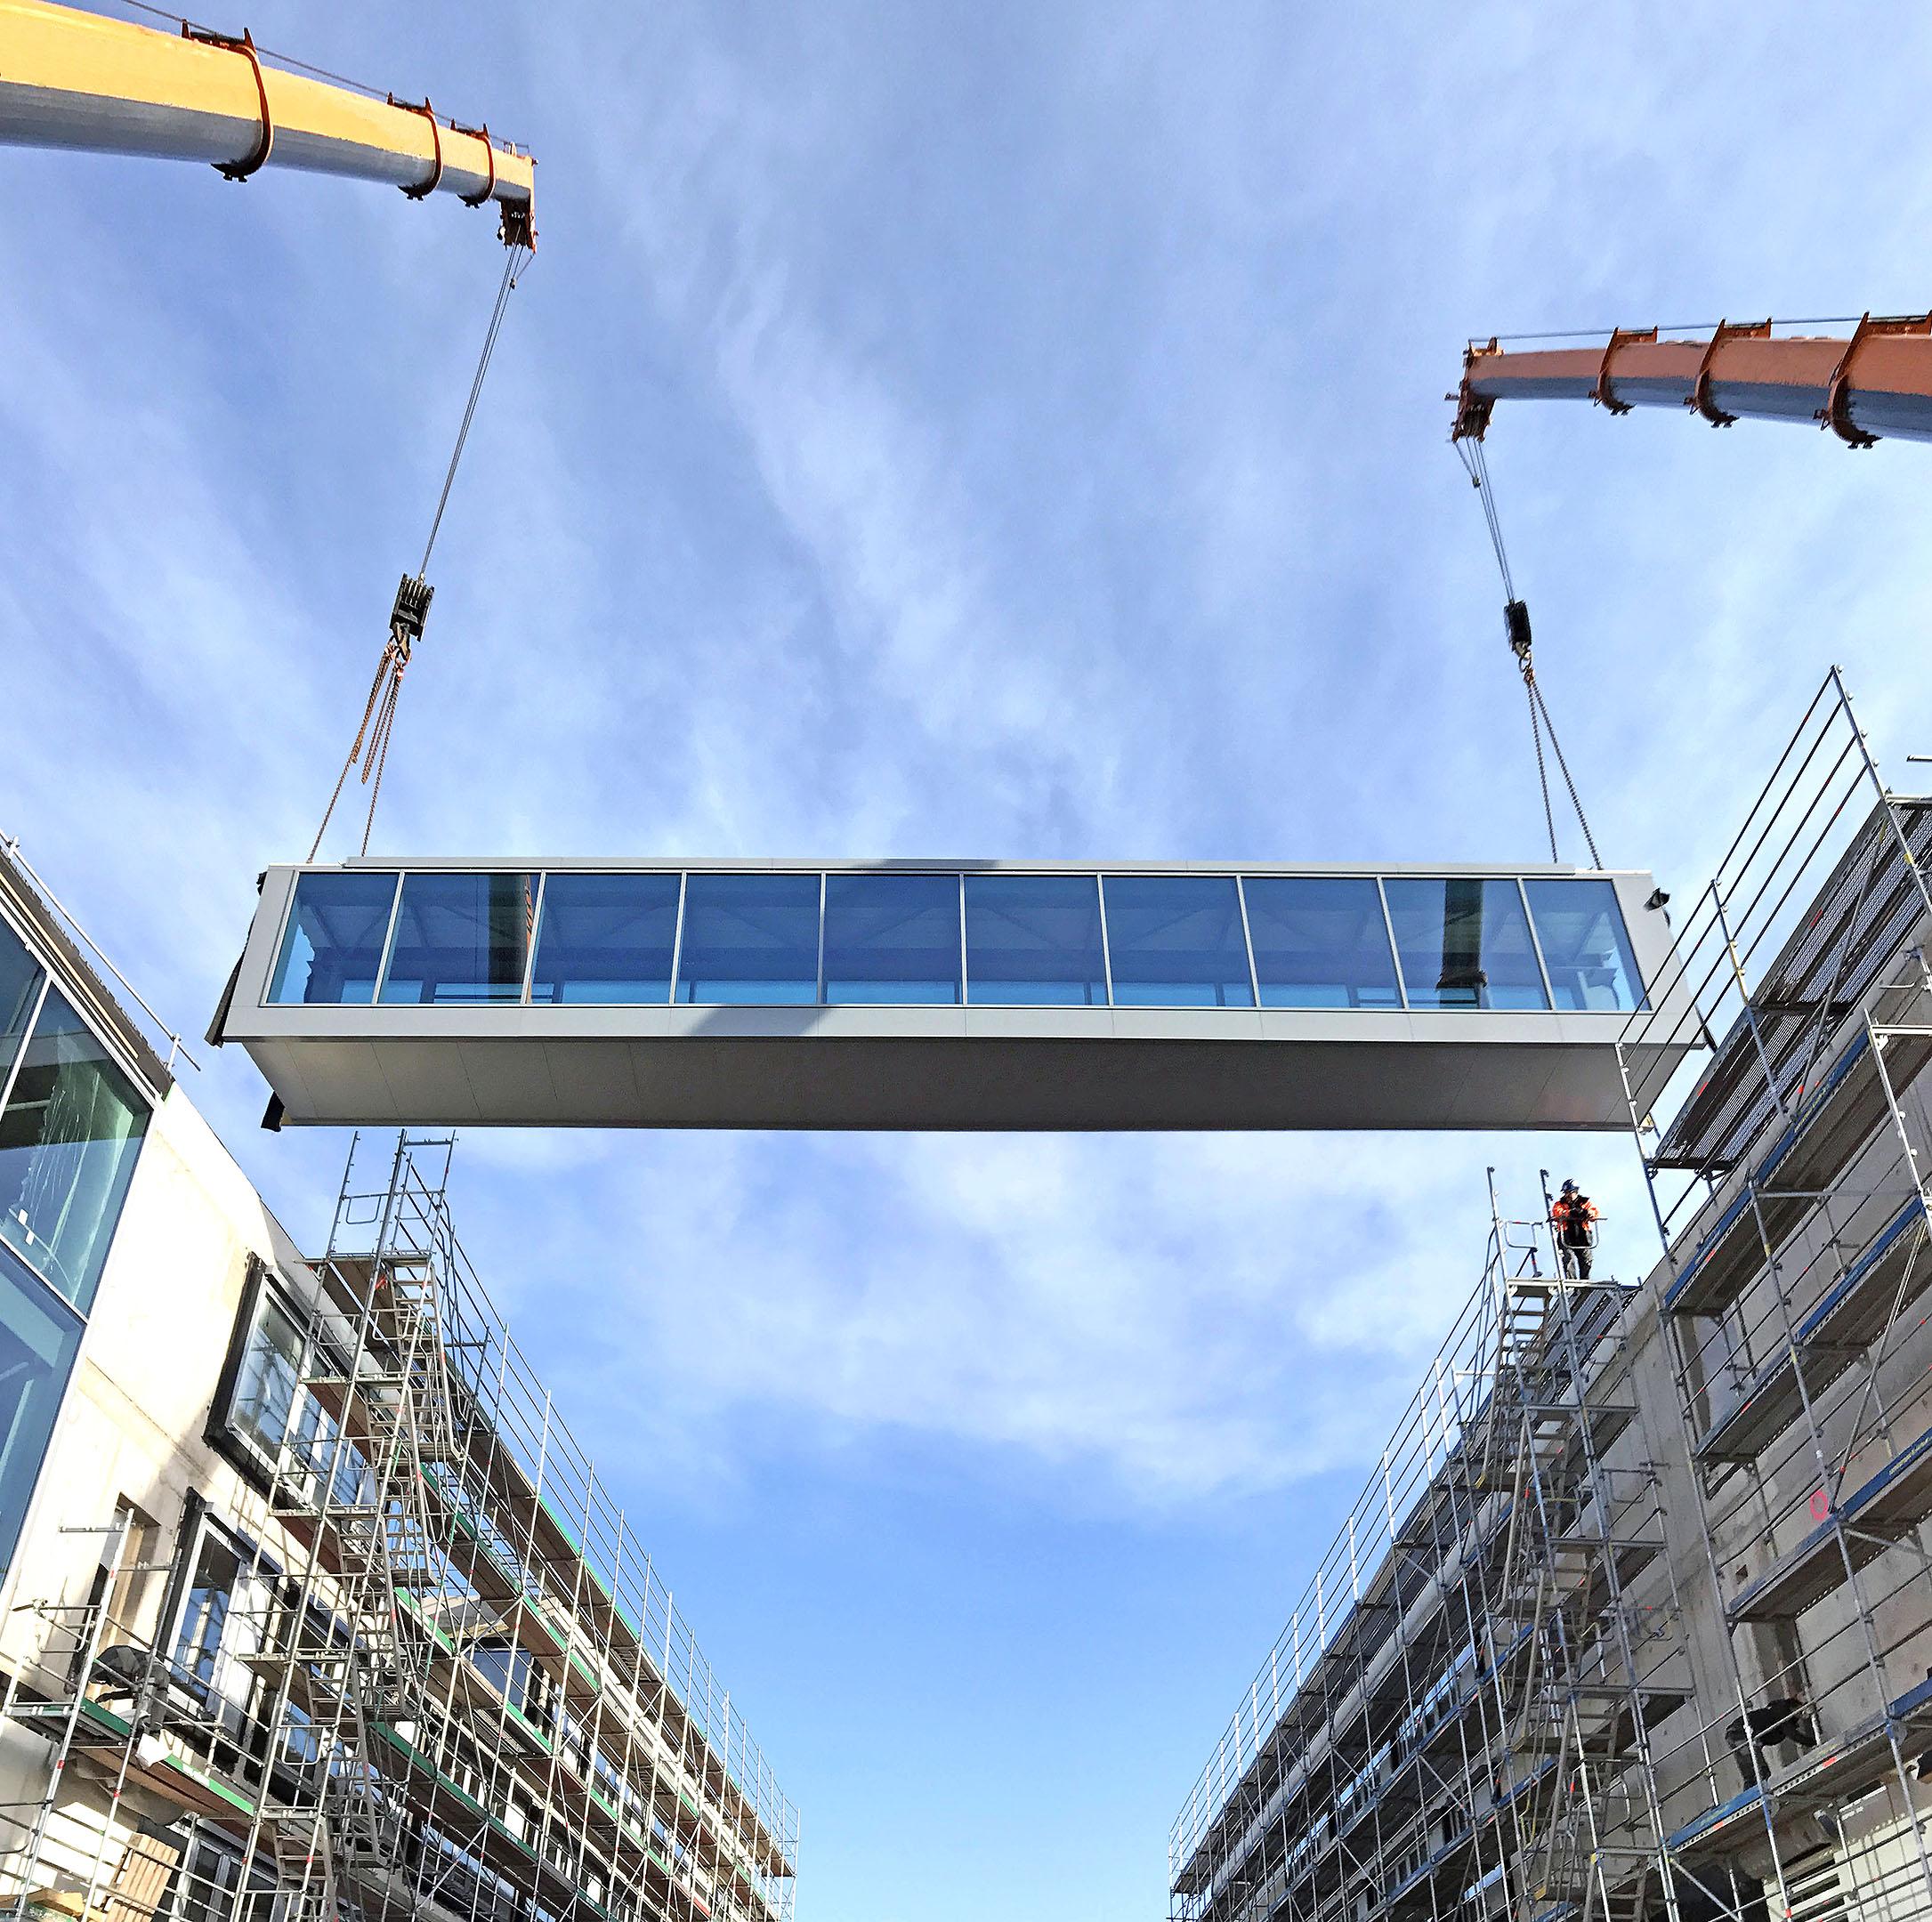 Einhub einer Verbindungsbrücke aus Stahl und Glas. Stahlbau und Metallbau.